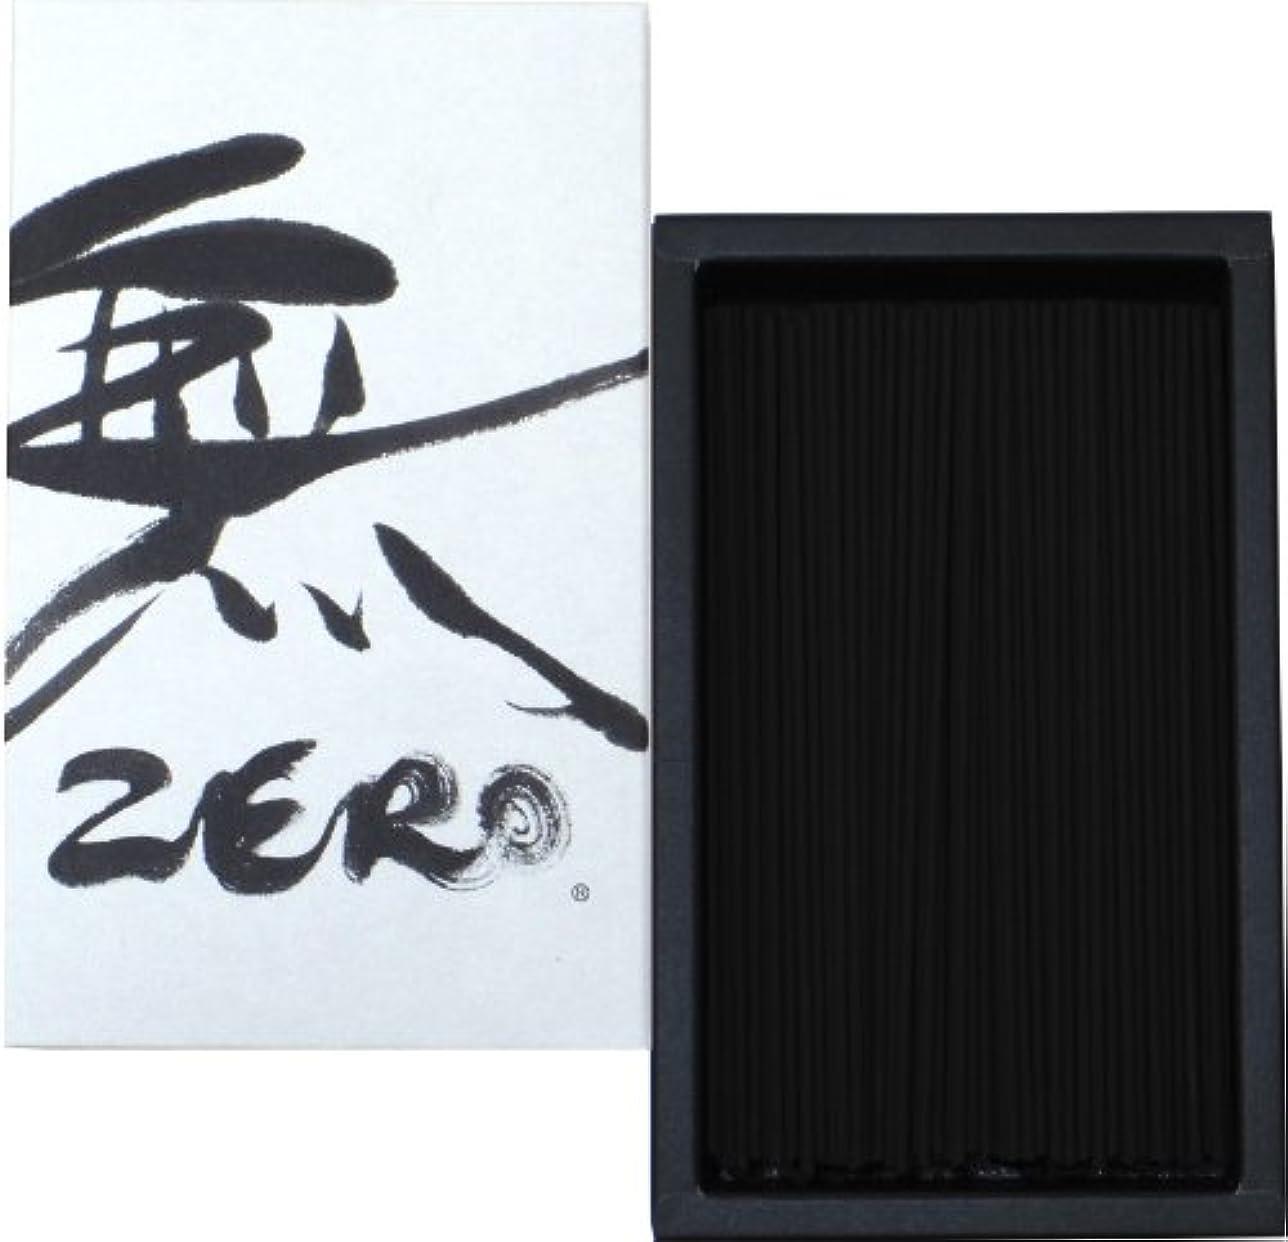 絶滅させる突き刺す終わり丸叶むらたのお線香 無 ZERO(ゼロ)大バラ 約160g #ZR-01